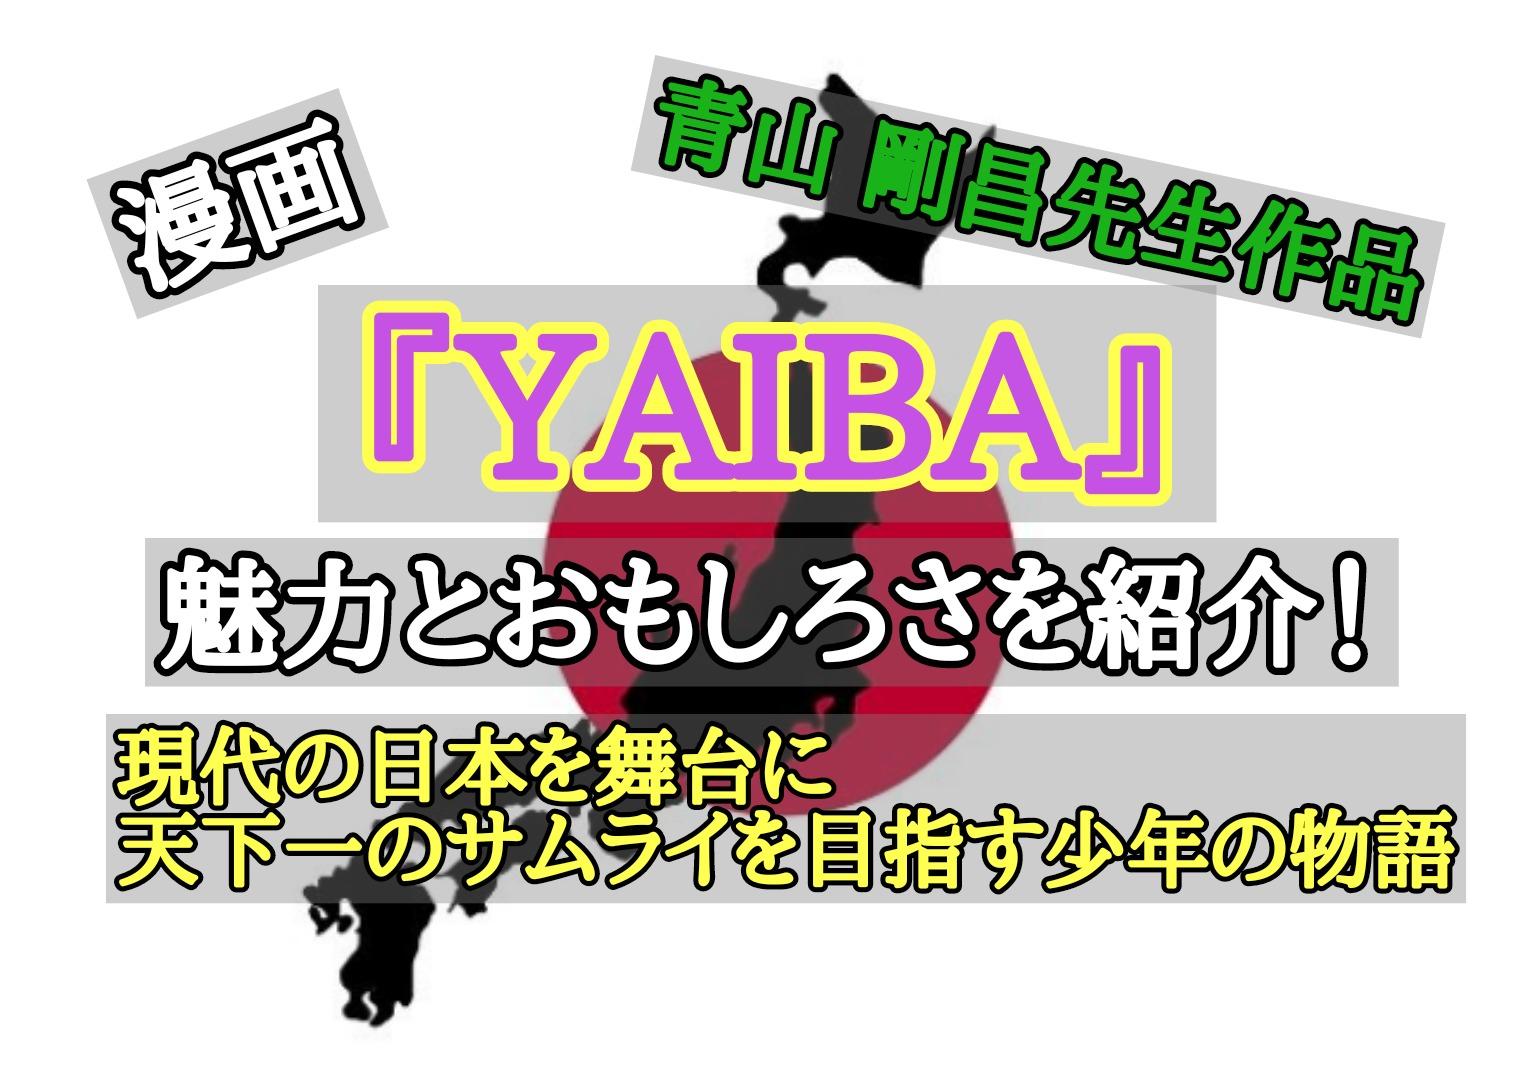 漫画『YAIBA』の魅力とおもしろさを紹介!現代の日本を舞台に天下一のサムライを目指す少年の物語